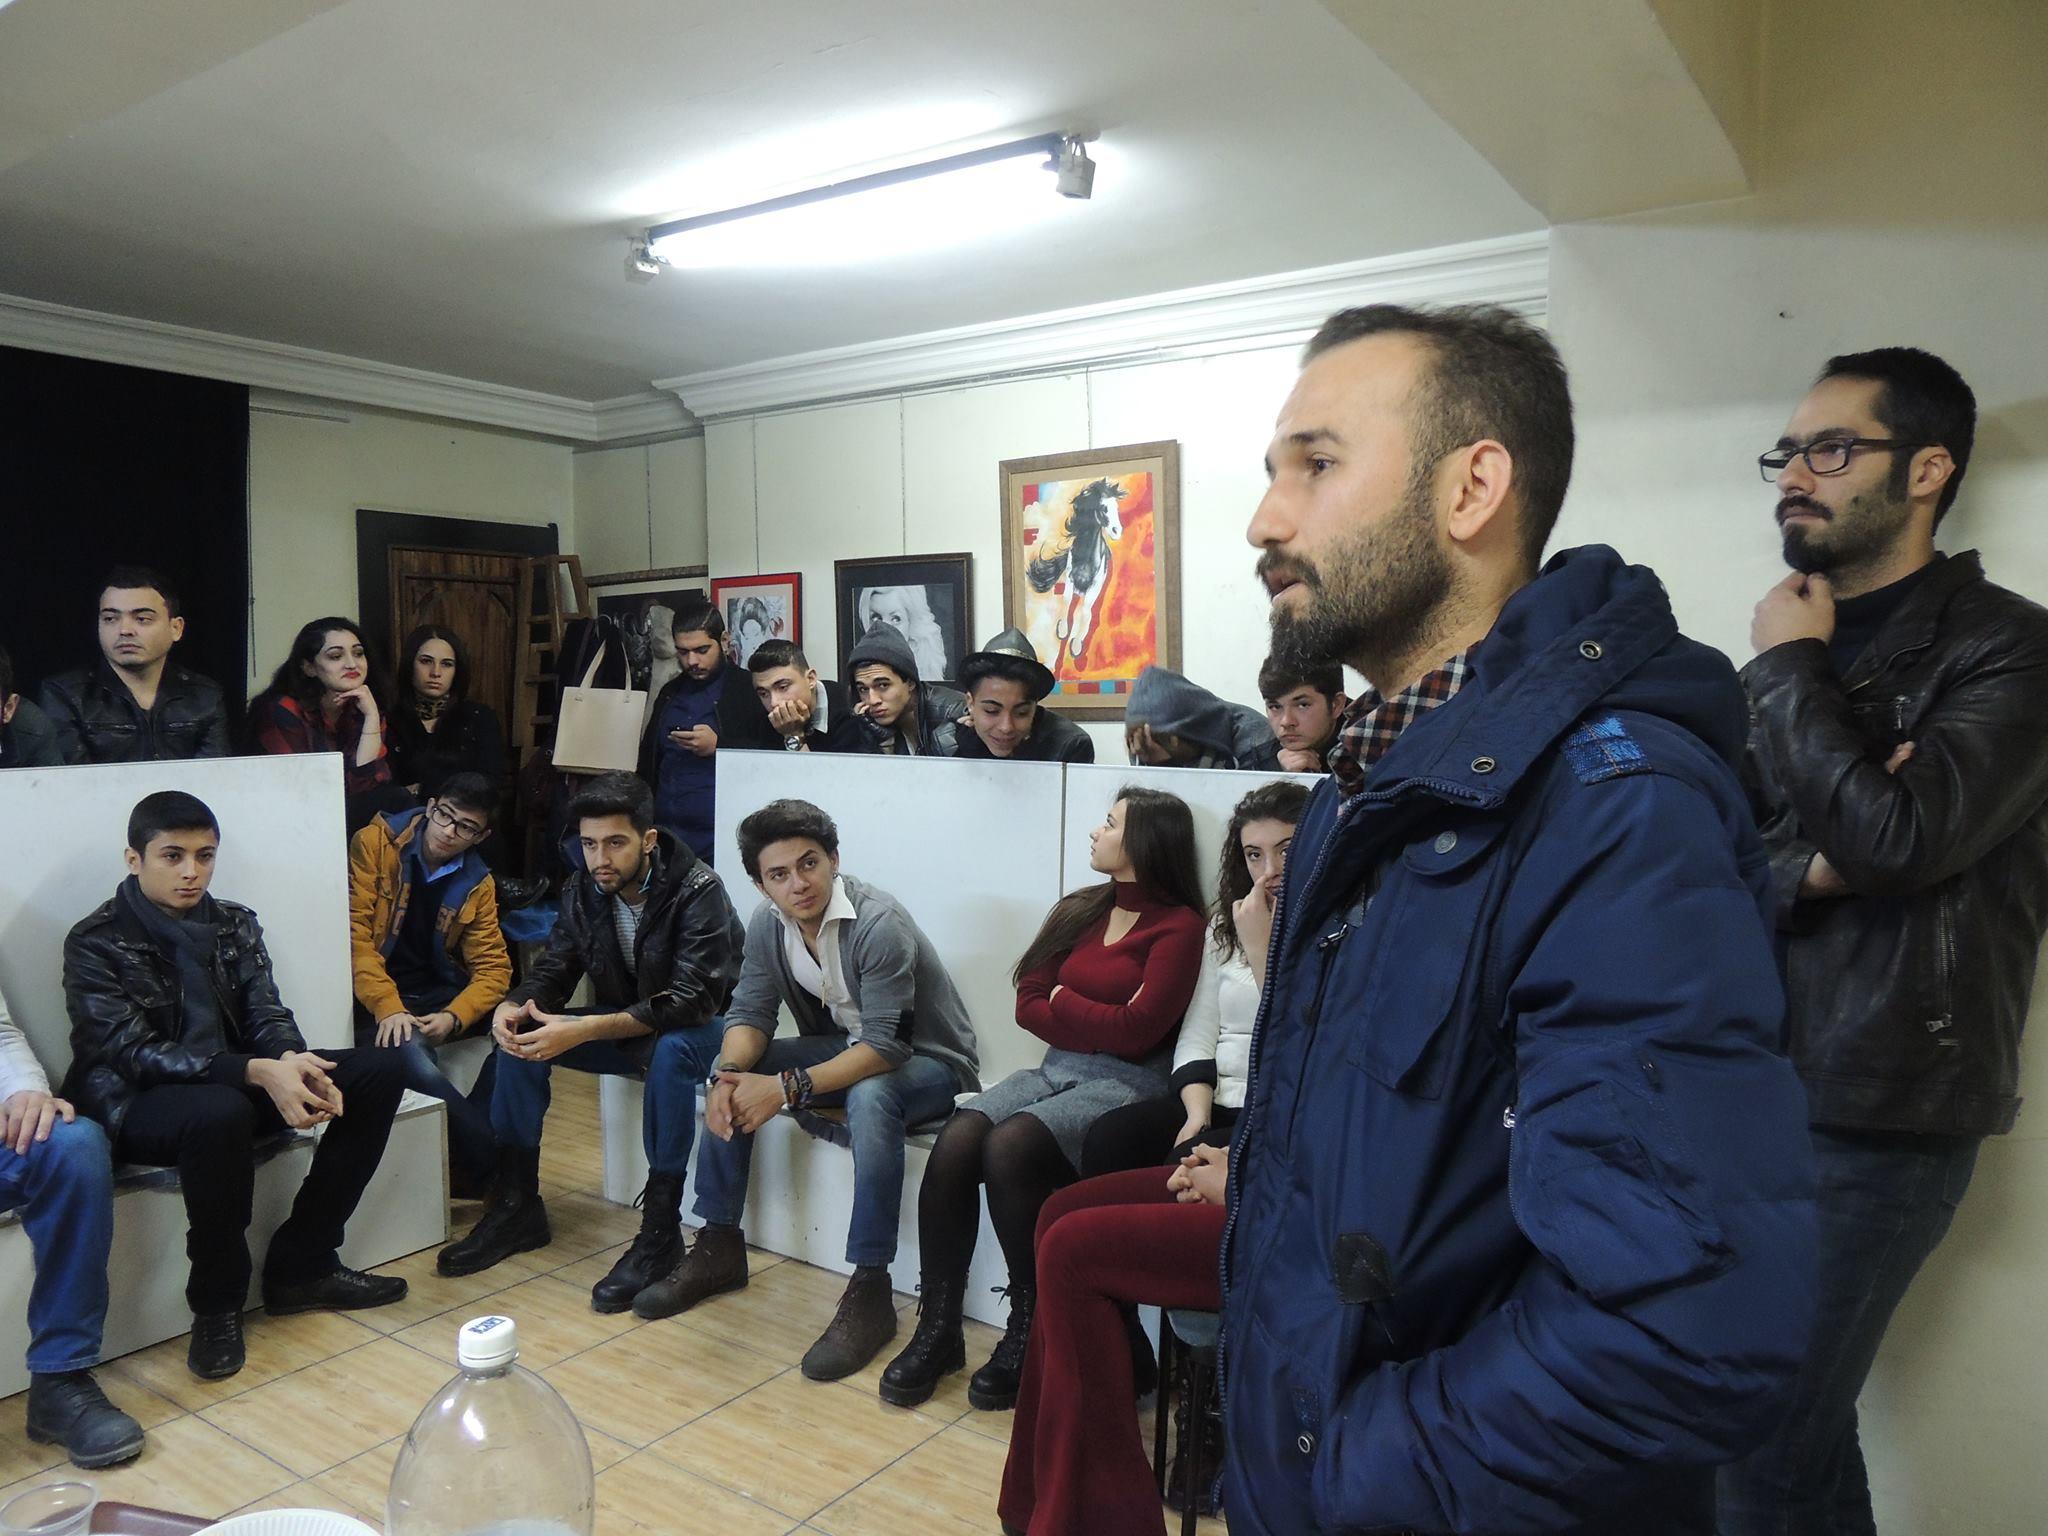 Güzel Sanatları Kazanan Öğrencilerimizi Tanıştırma Kaynaştırma Etkinliğimiz Antalyada